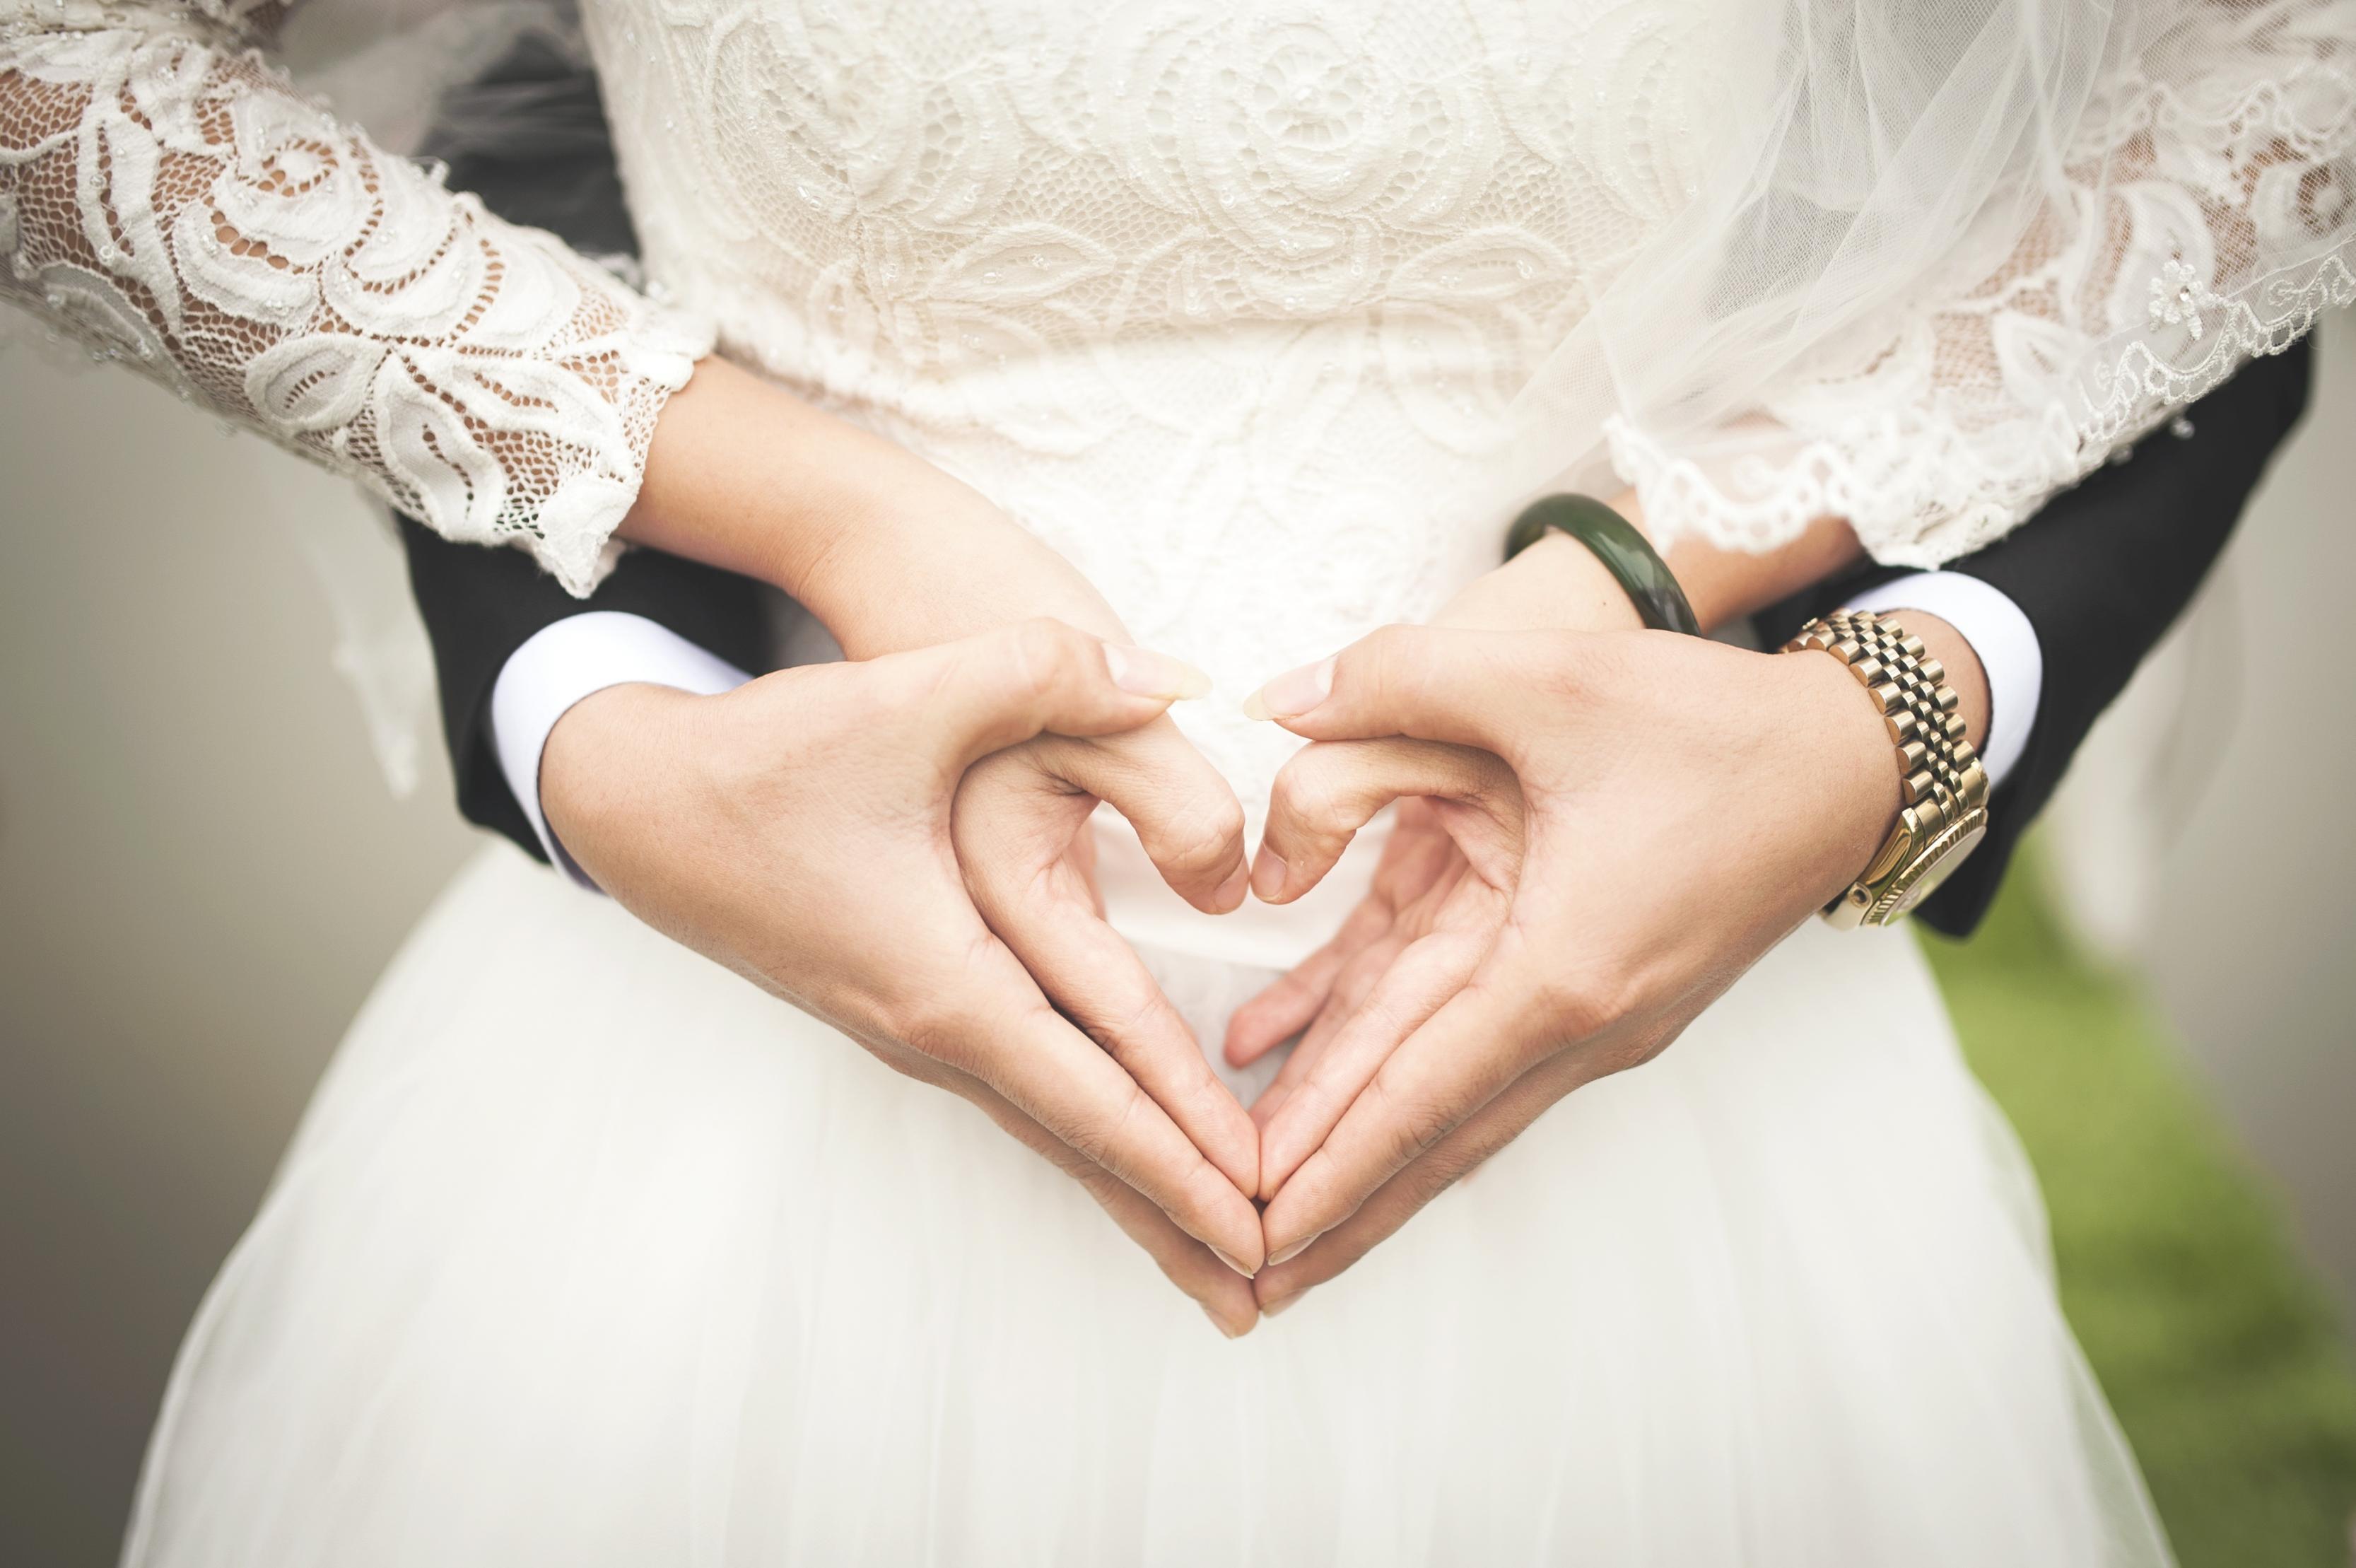 بالصور اجمل الصور للحبيبين , صور حب دافيء